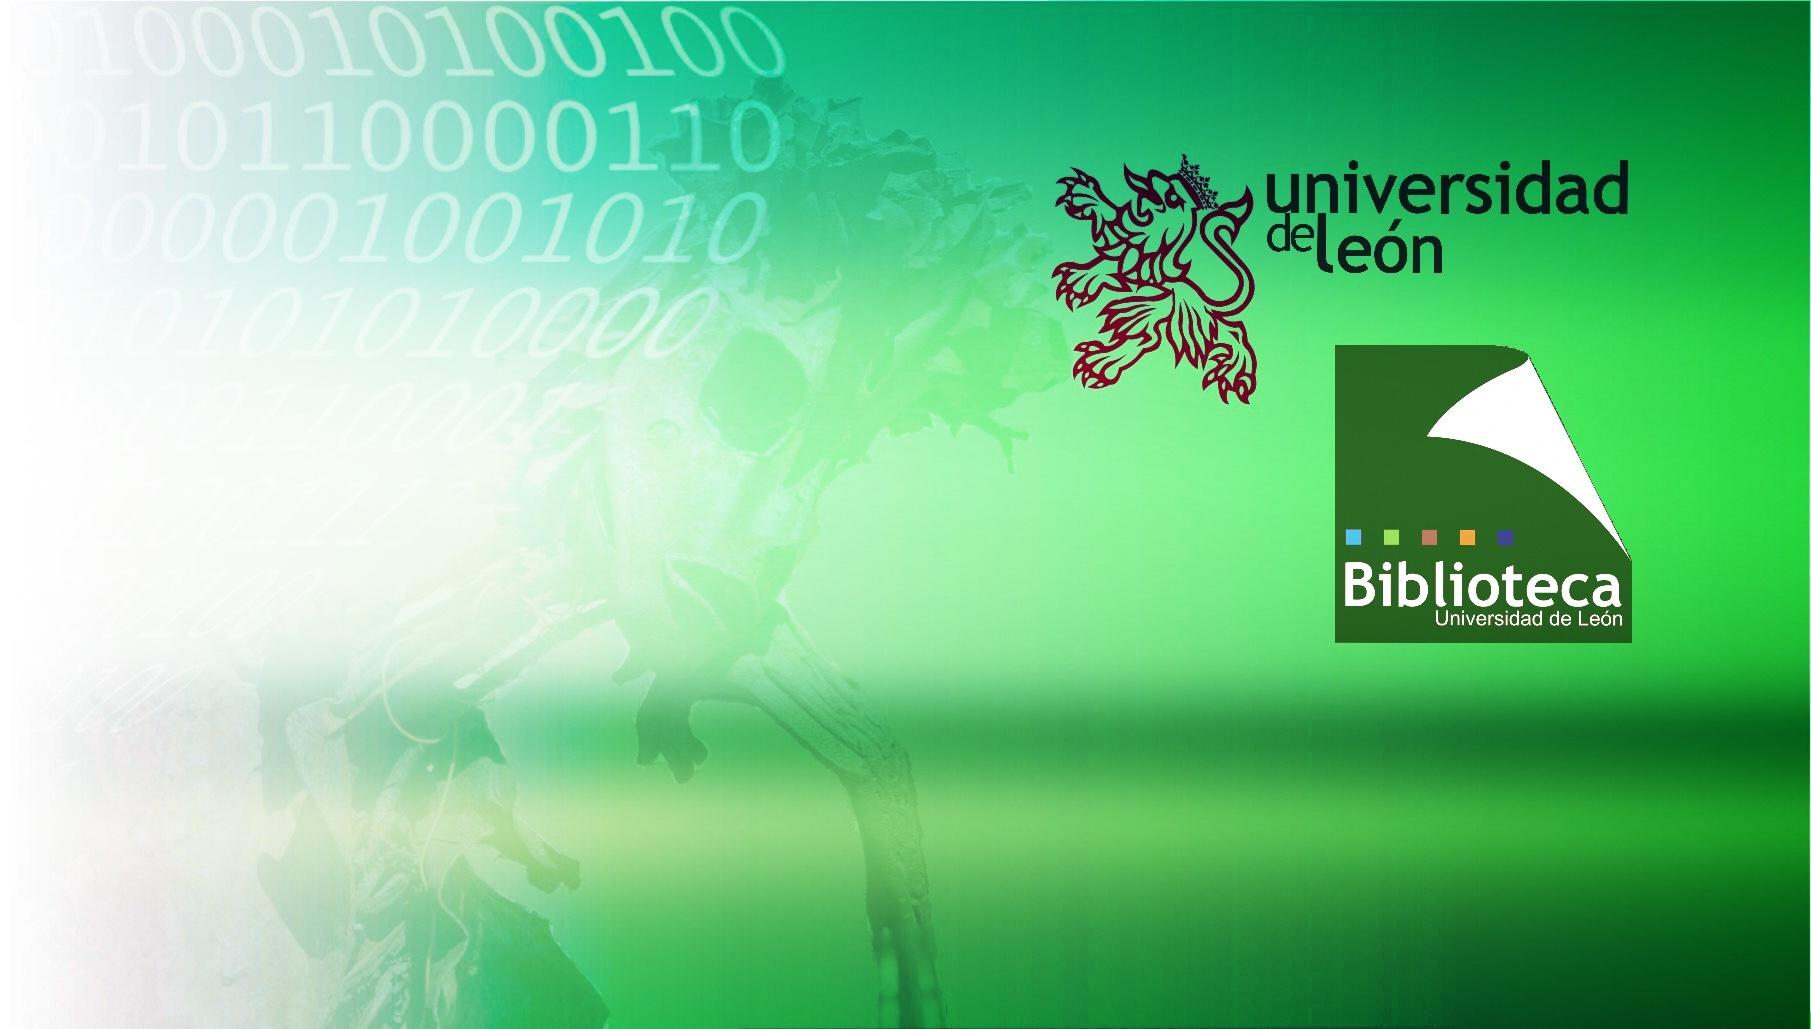 XVIII Workshop REBIUN de Proyectos Digitales y VIII Jornadas de OS Repositorios